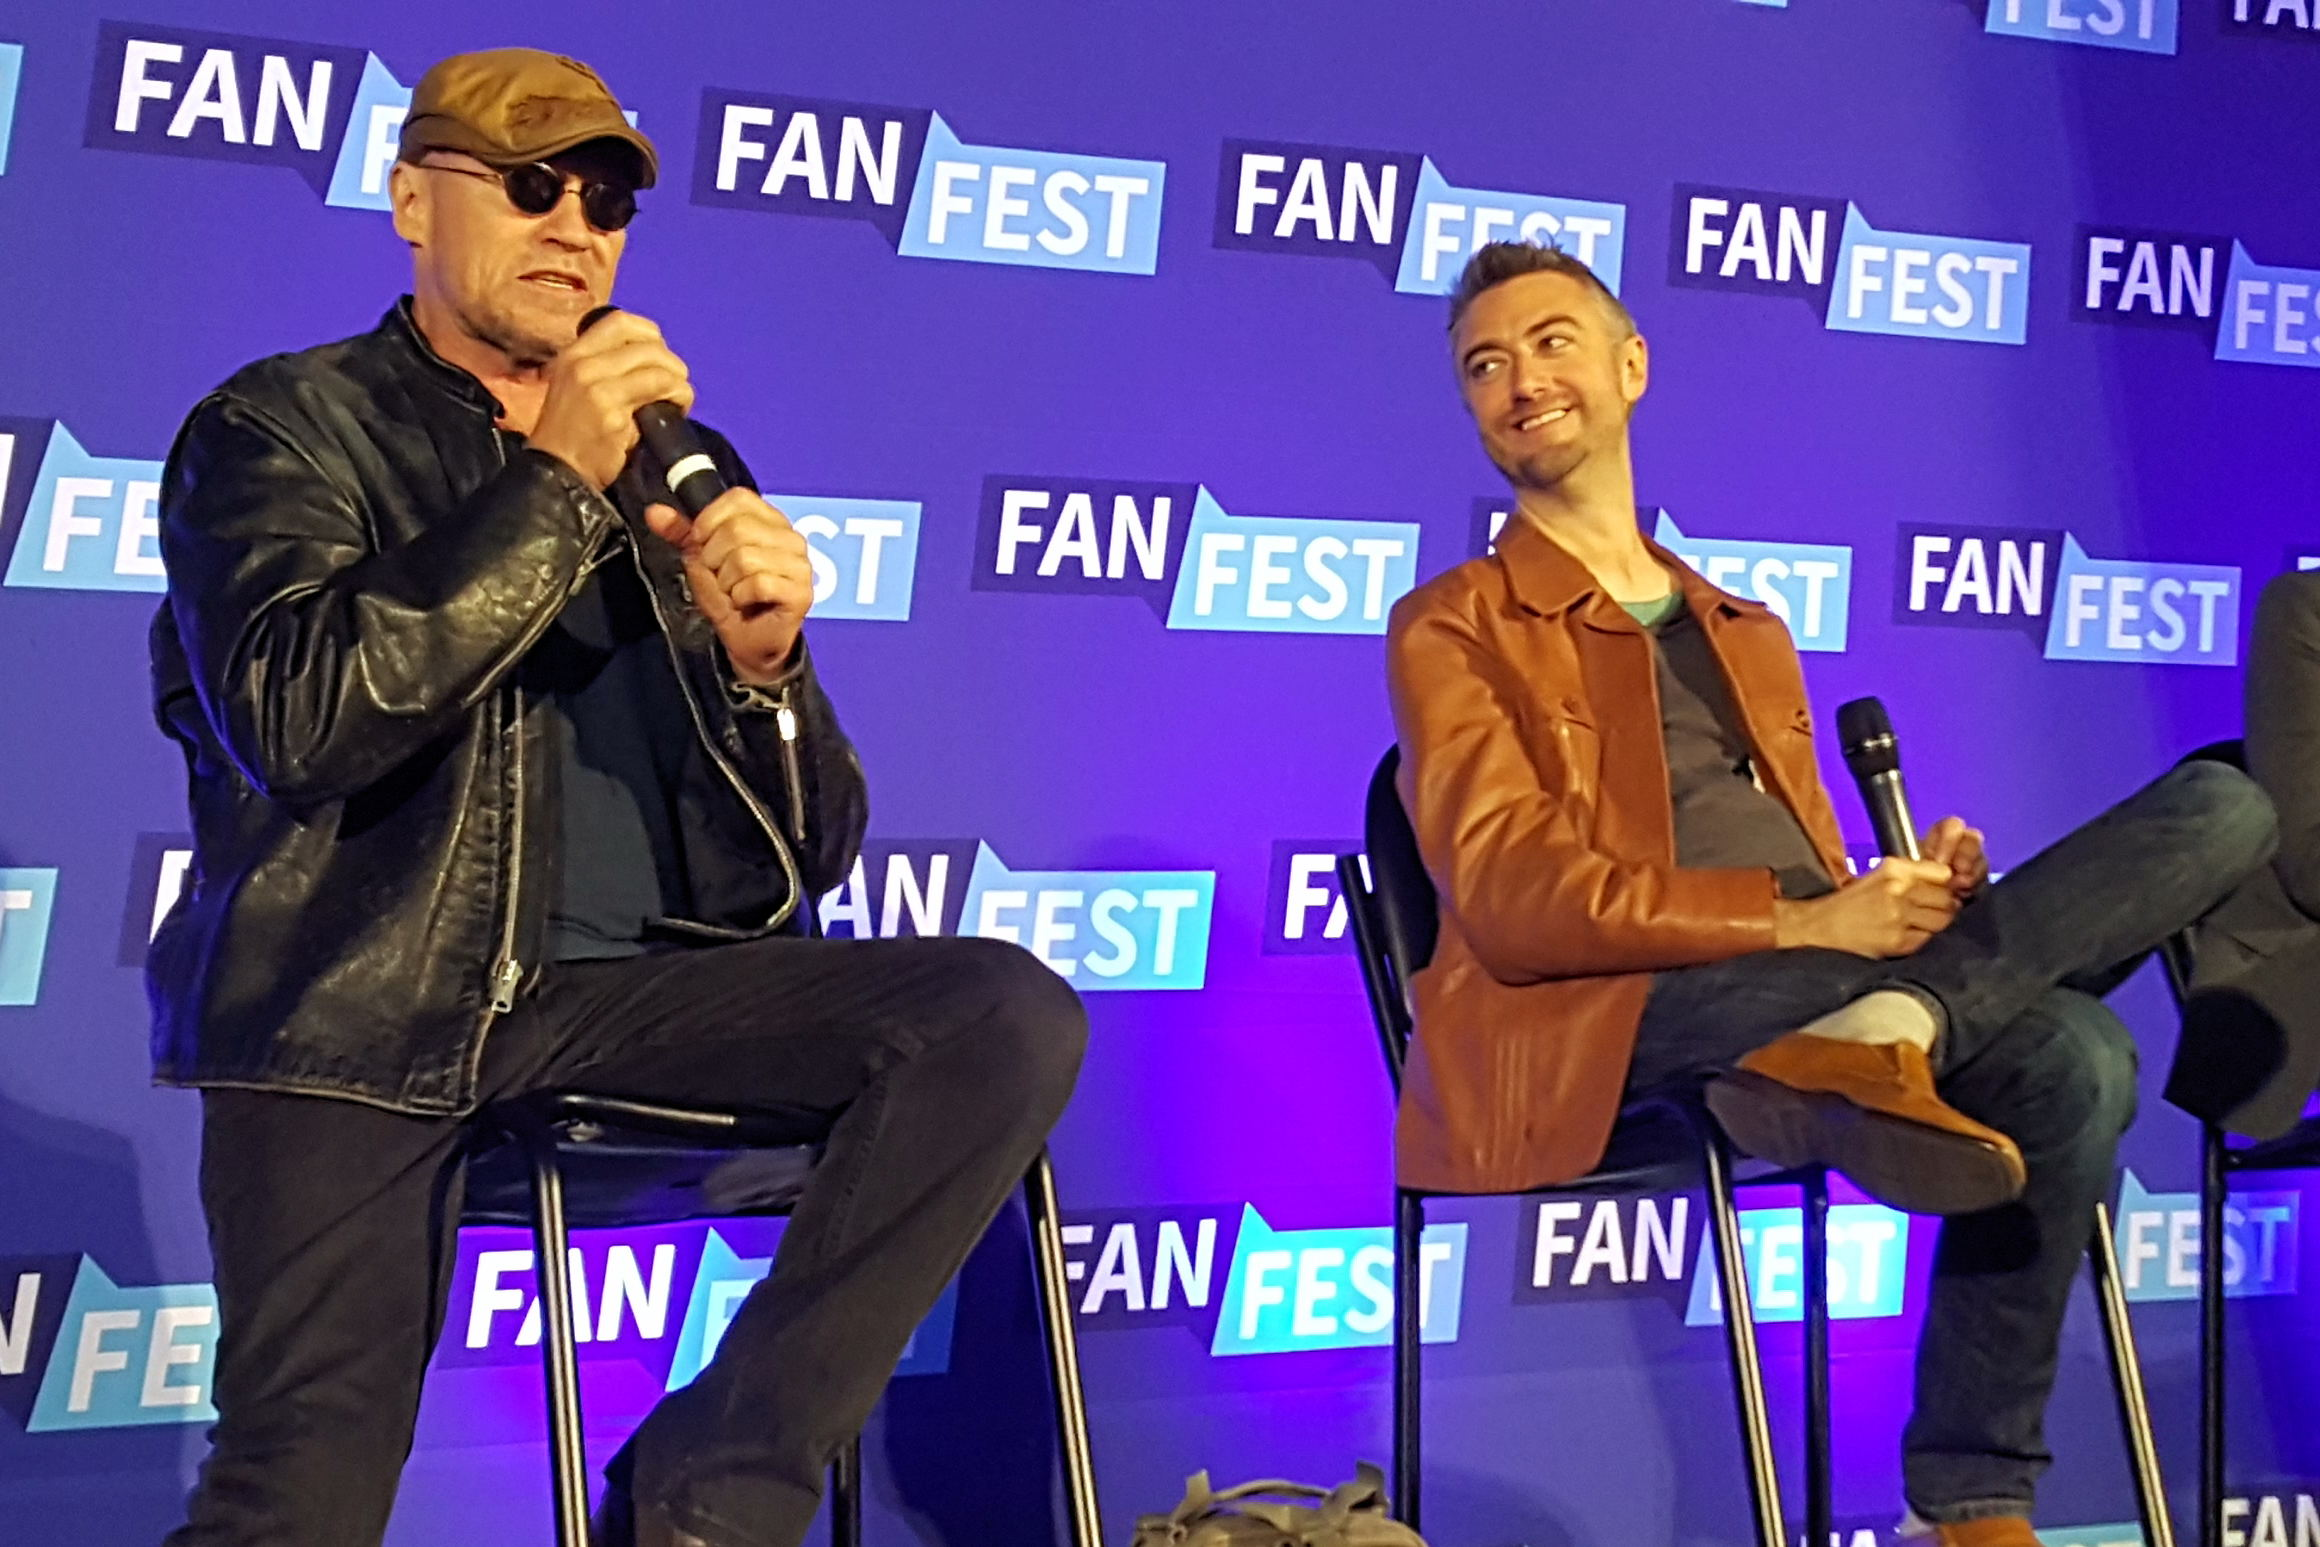 Fan Fest Chicago 2017, Michael Rooker, Sean Gunn, The Walking Dead